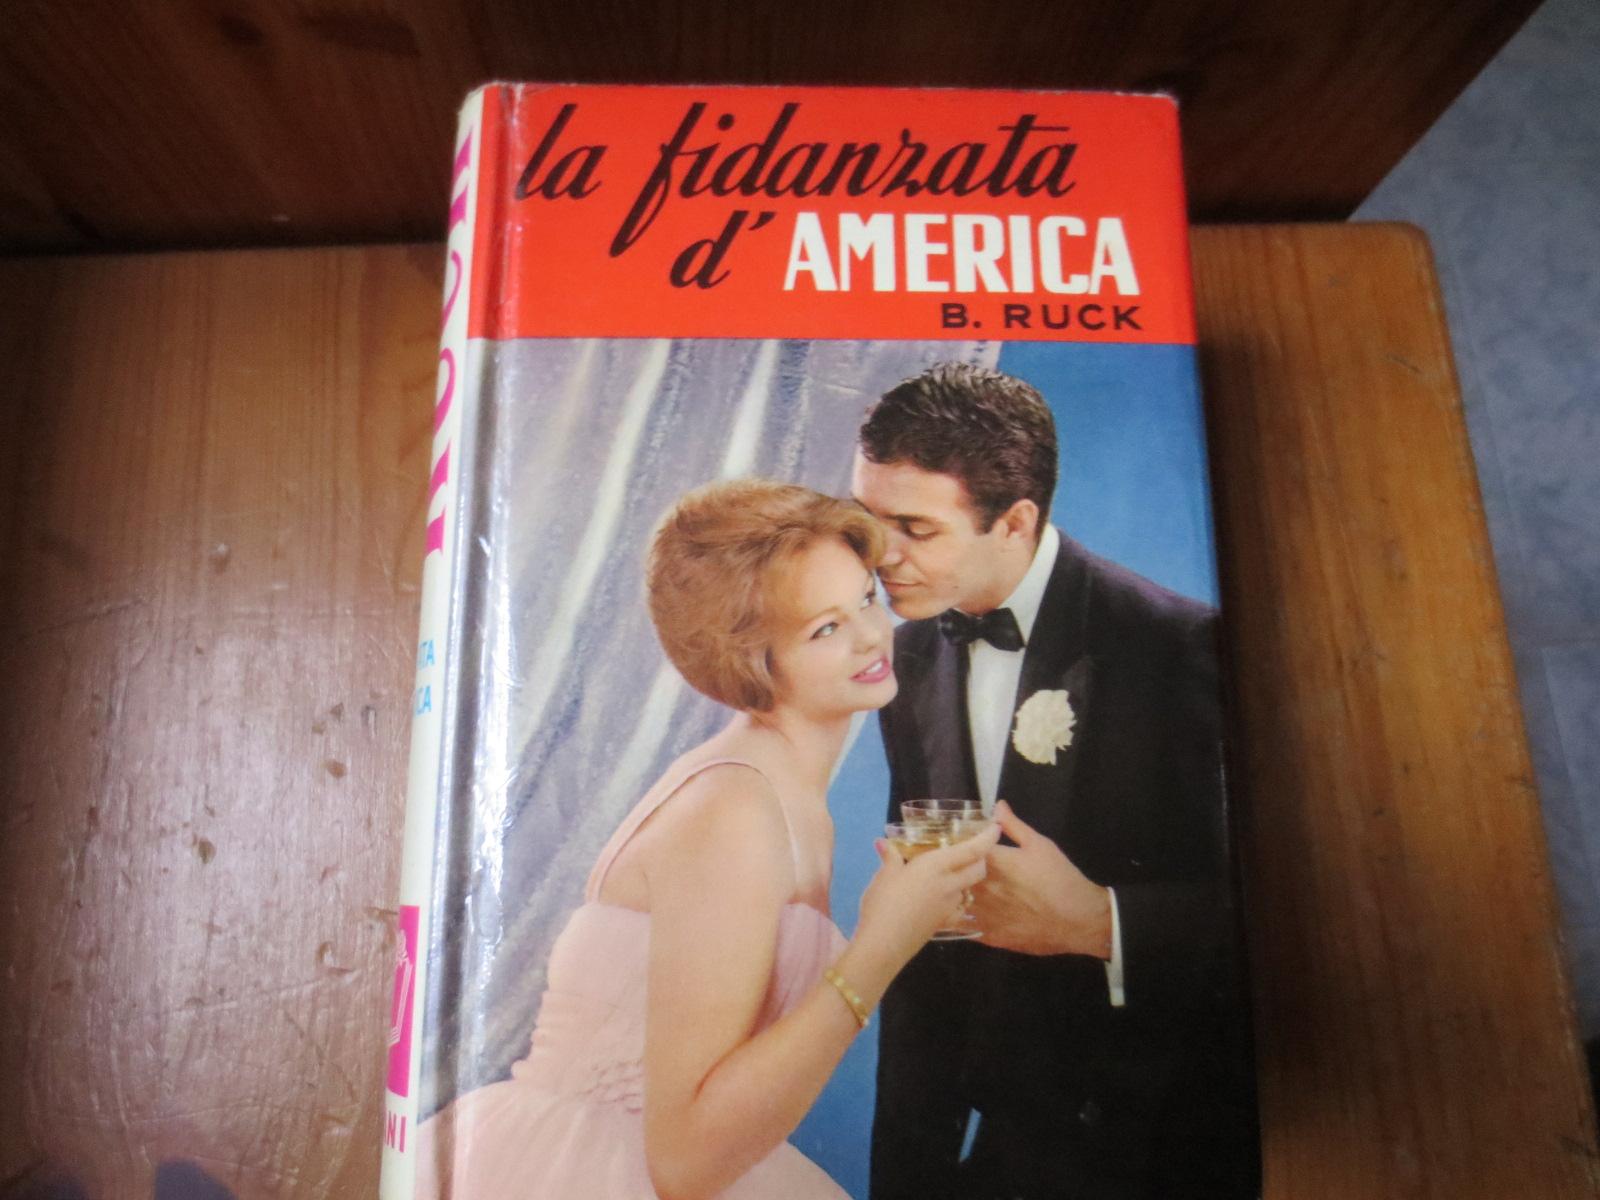 La fidanzata d'America